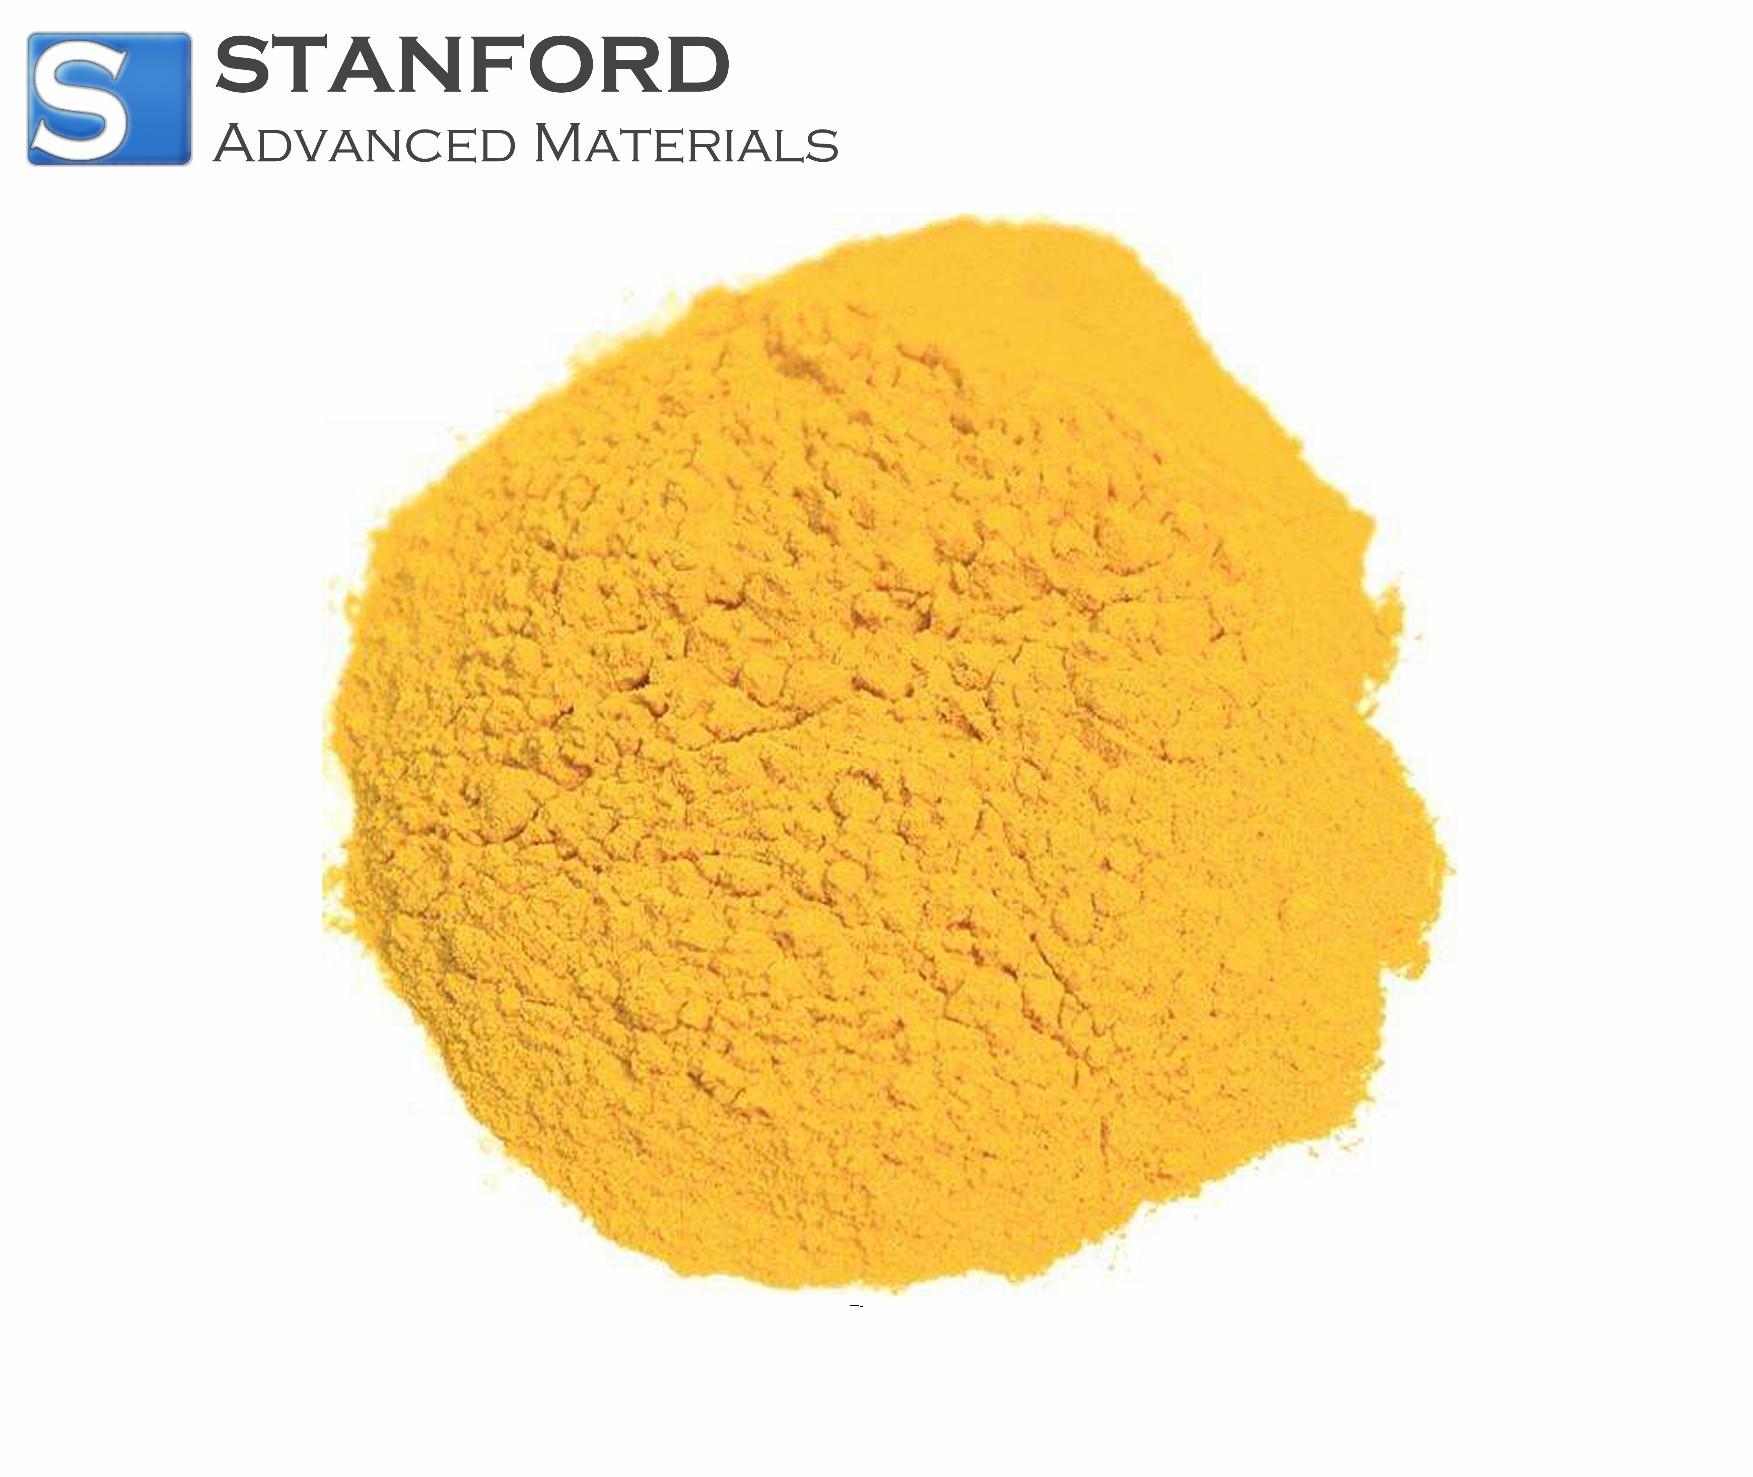 PT2110 Ammonium Hexachloroplatinate(IV) Powder (CAS No.16919-58-7)